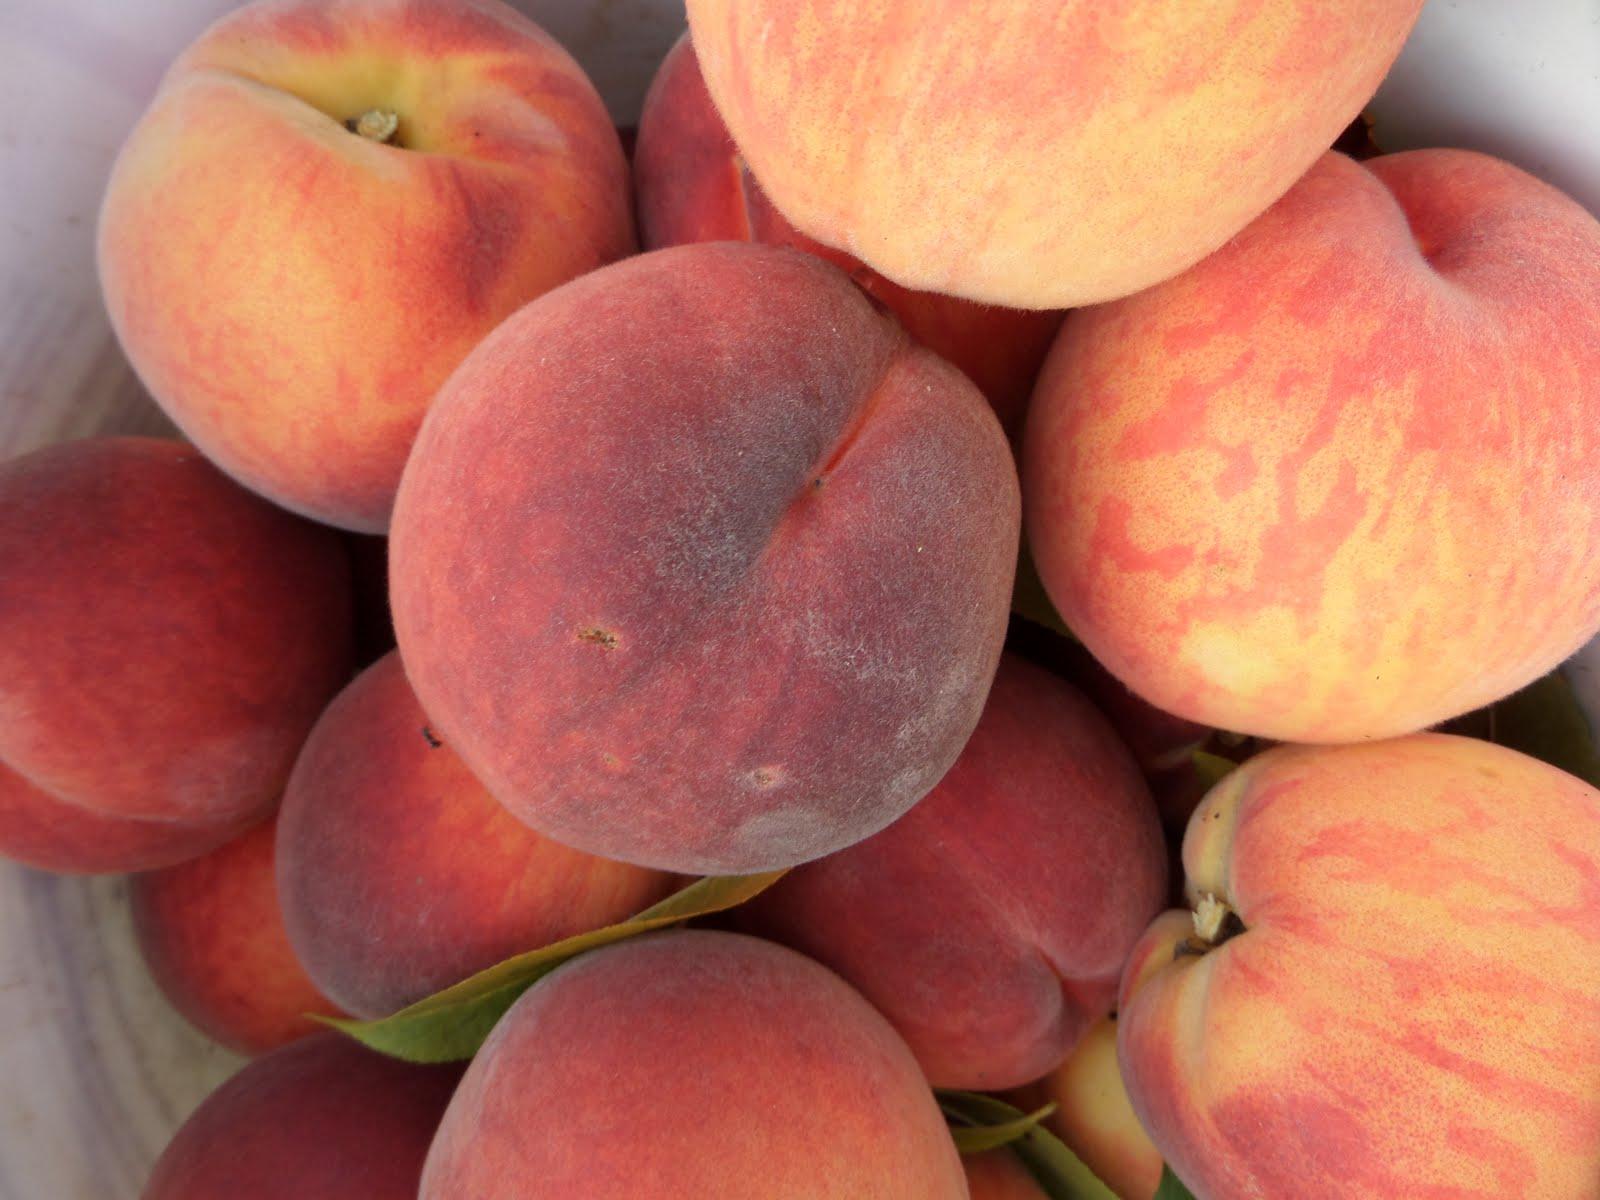 100 g owoców to 39 kalorii, ale 100 g suszu to już 276 kalorii